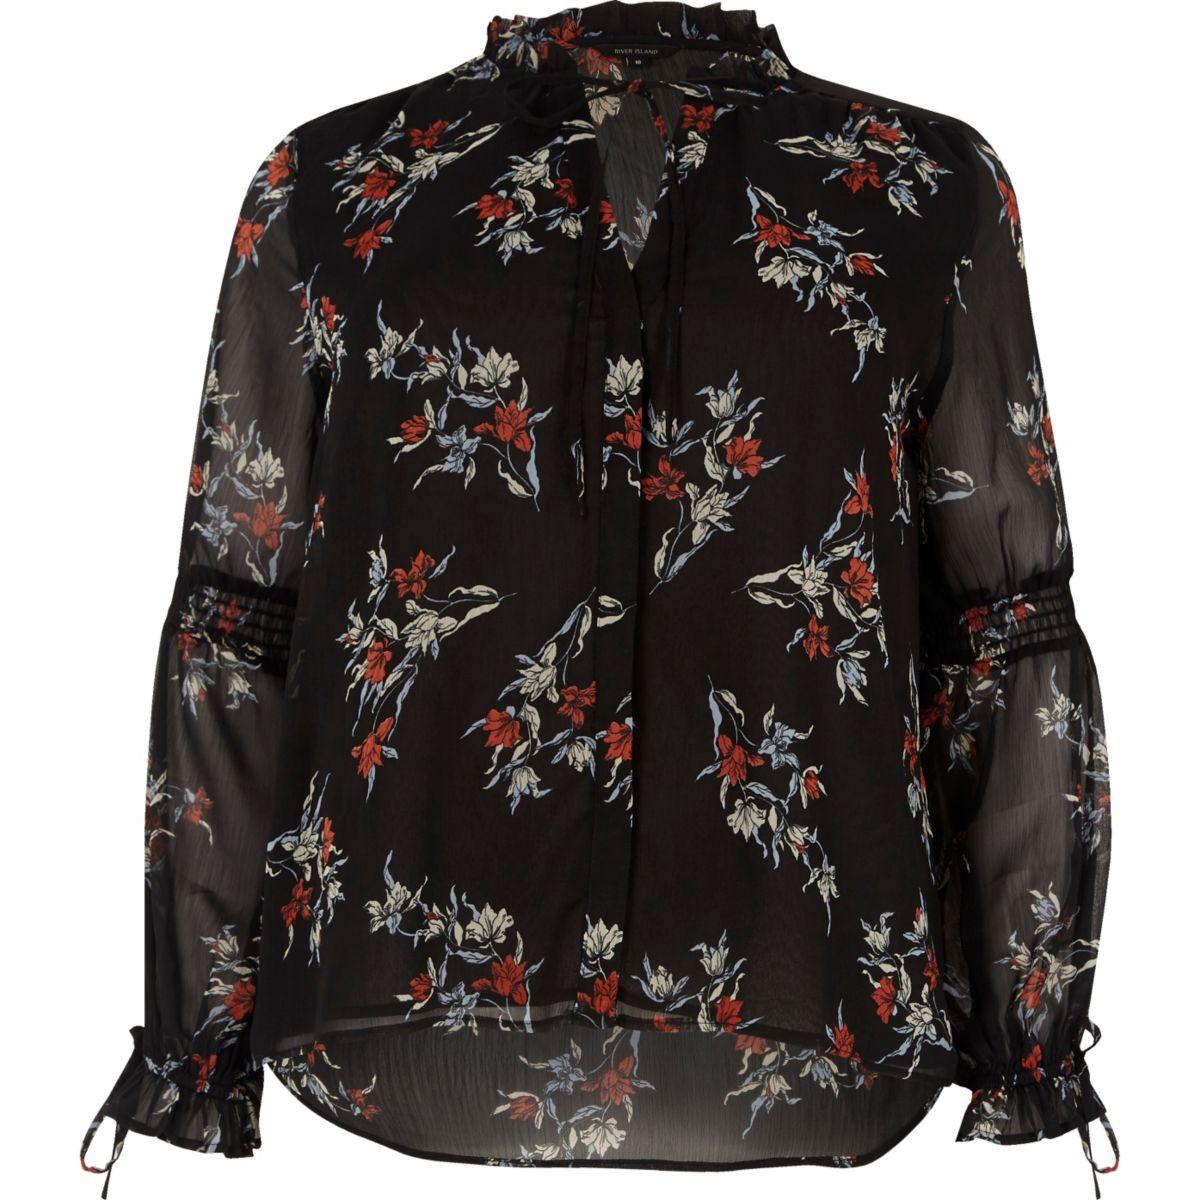 Zwarte blouse met lange mouwen, ruches en bloemenprint